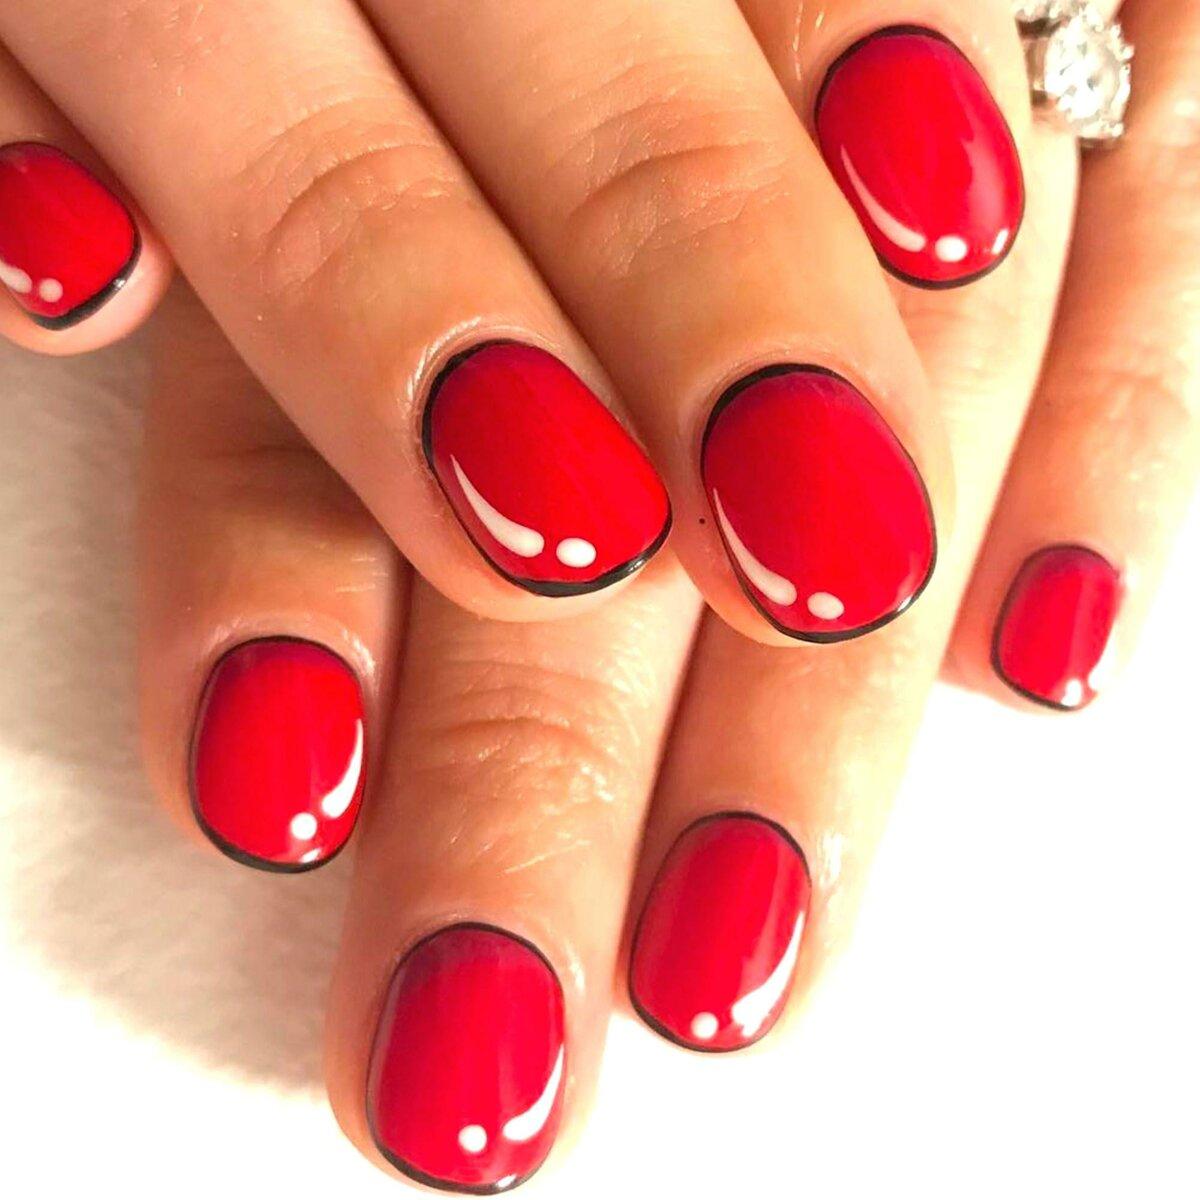 гель лак красный на короткие ногти фото свободного доступа красотка